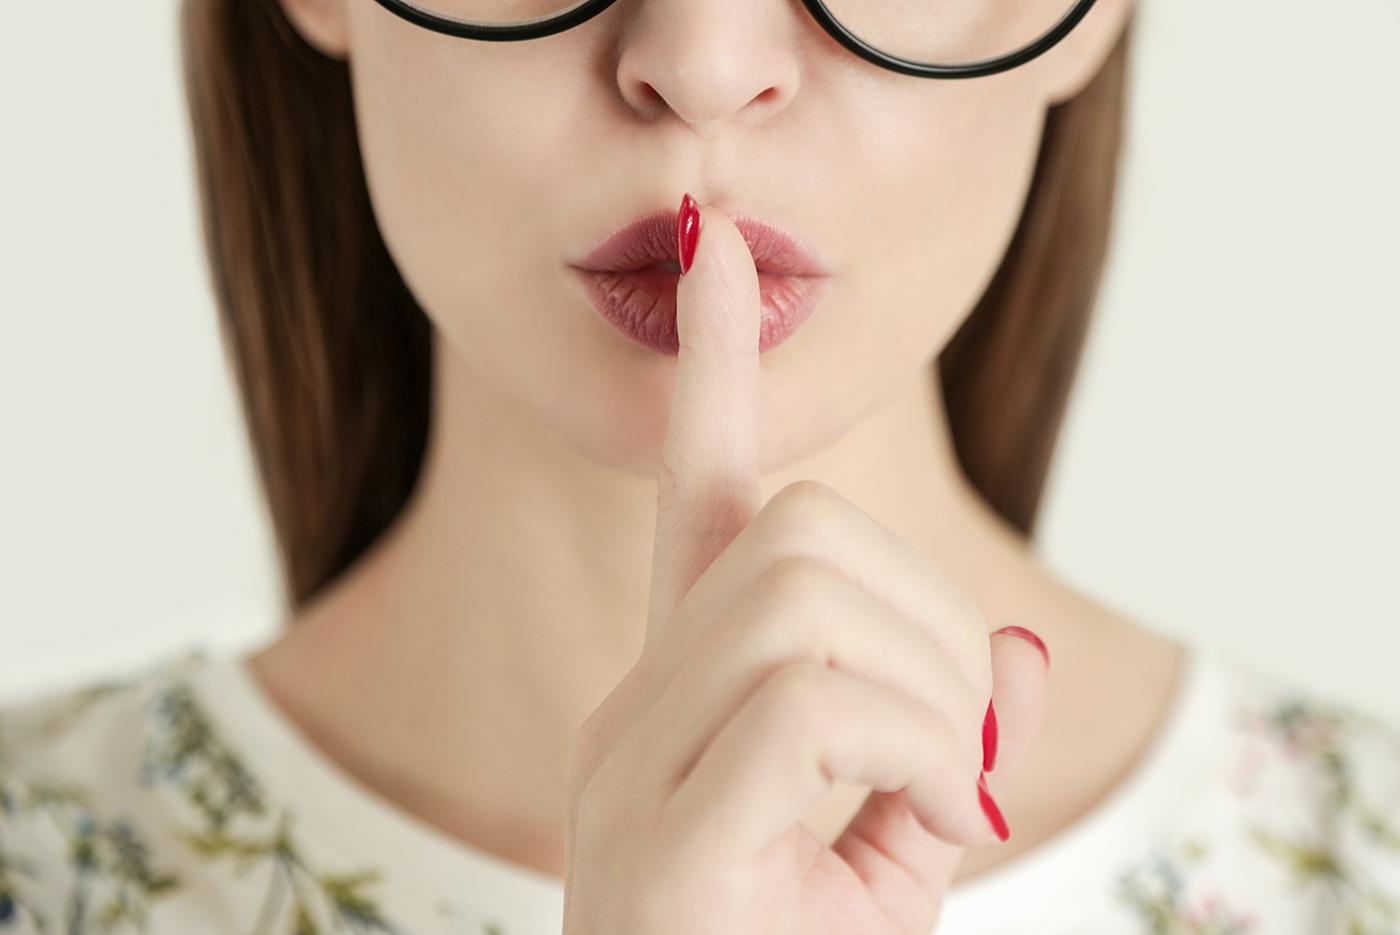 Gedeelte van een gezicht van een vrouw die haar vinger over haar rood-gestifte lippen legt om daarmee tot stilte of vertrouwelijkheid te manen. De onderste randen van haar bril zijn nog net zichtbaar.